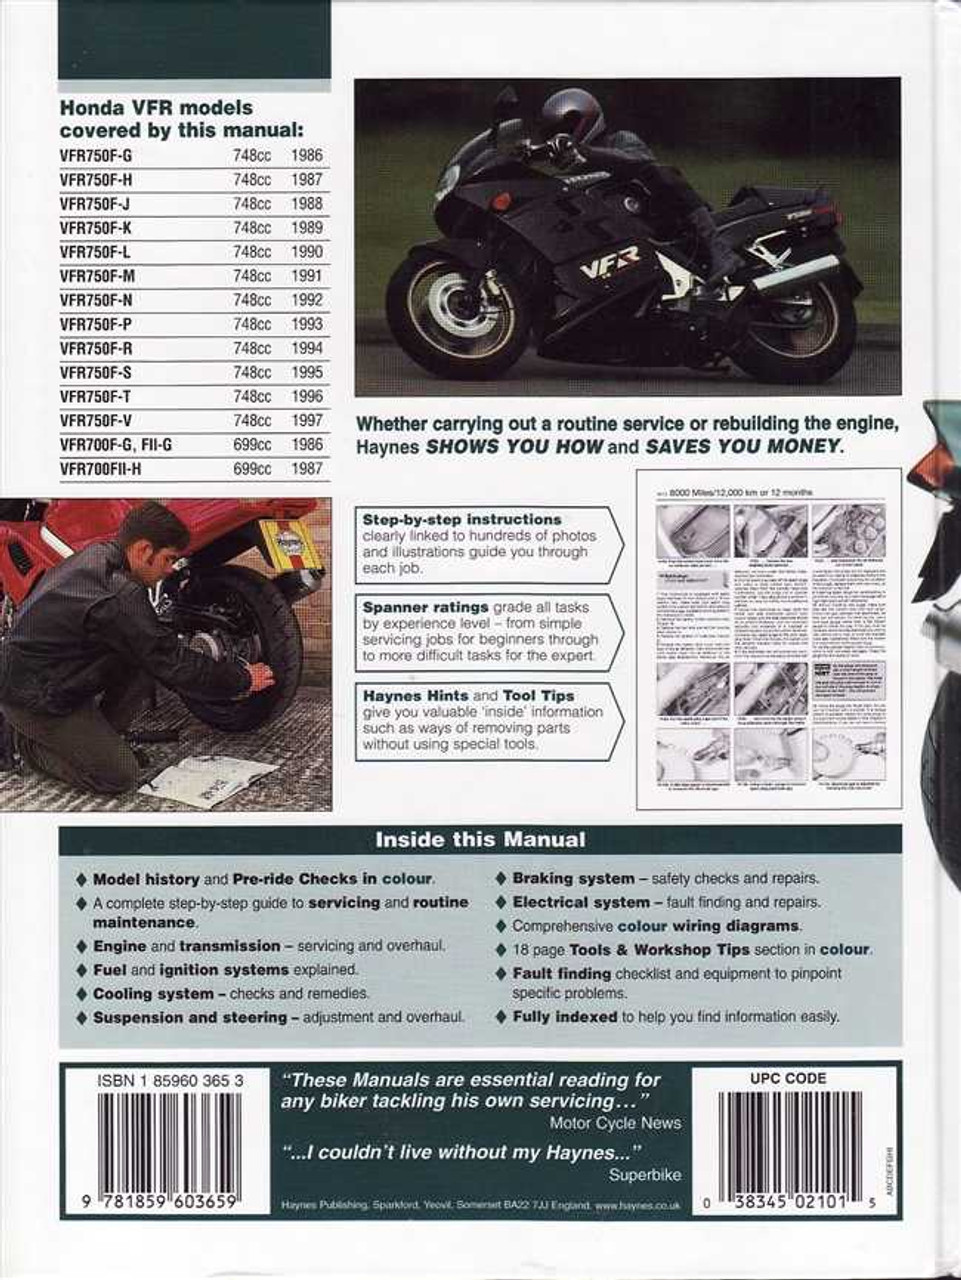 Honda Vfr750 Vfr700 V Fours 1986 1997 Workshop Manual